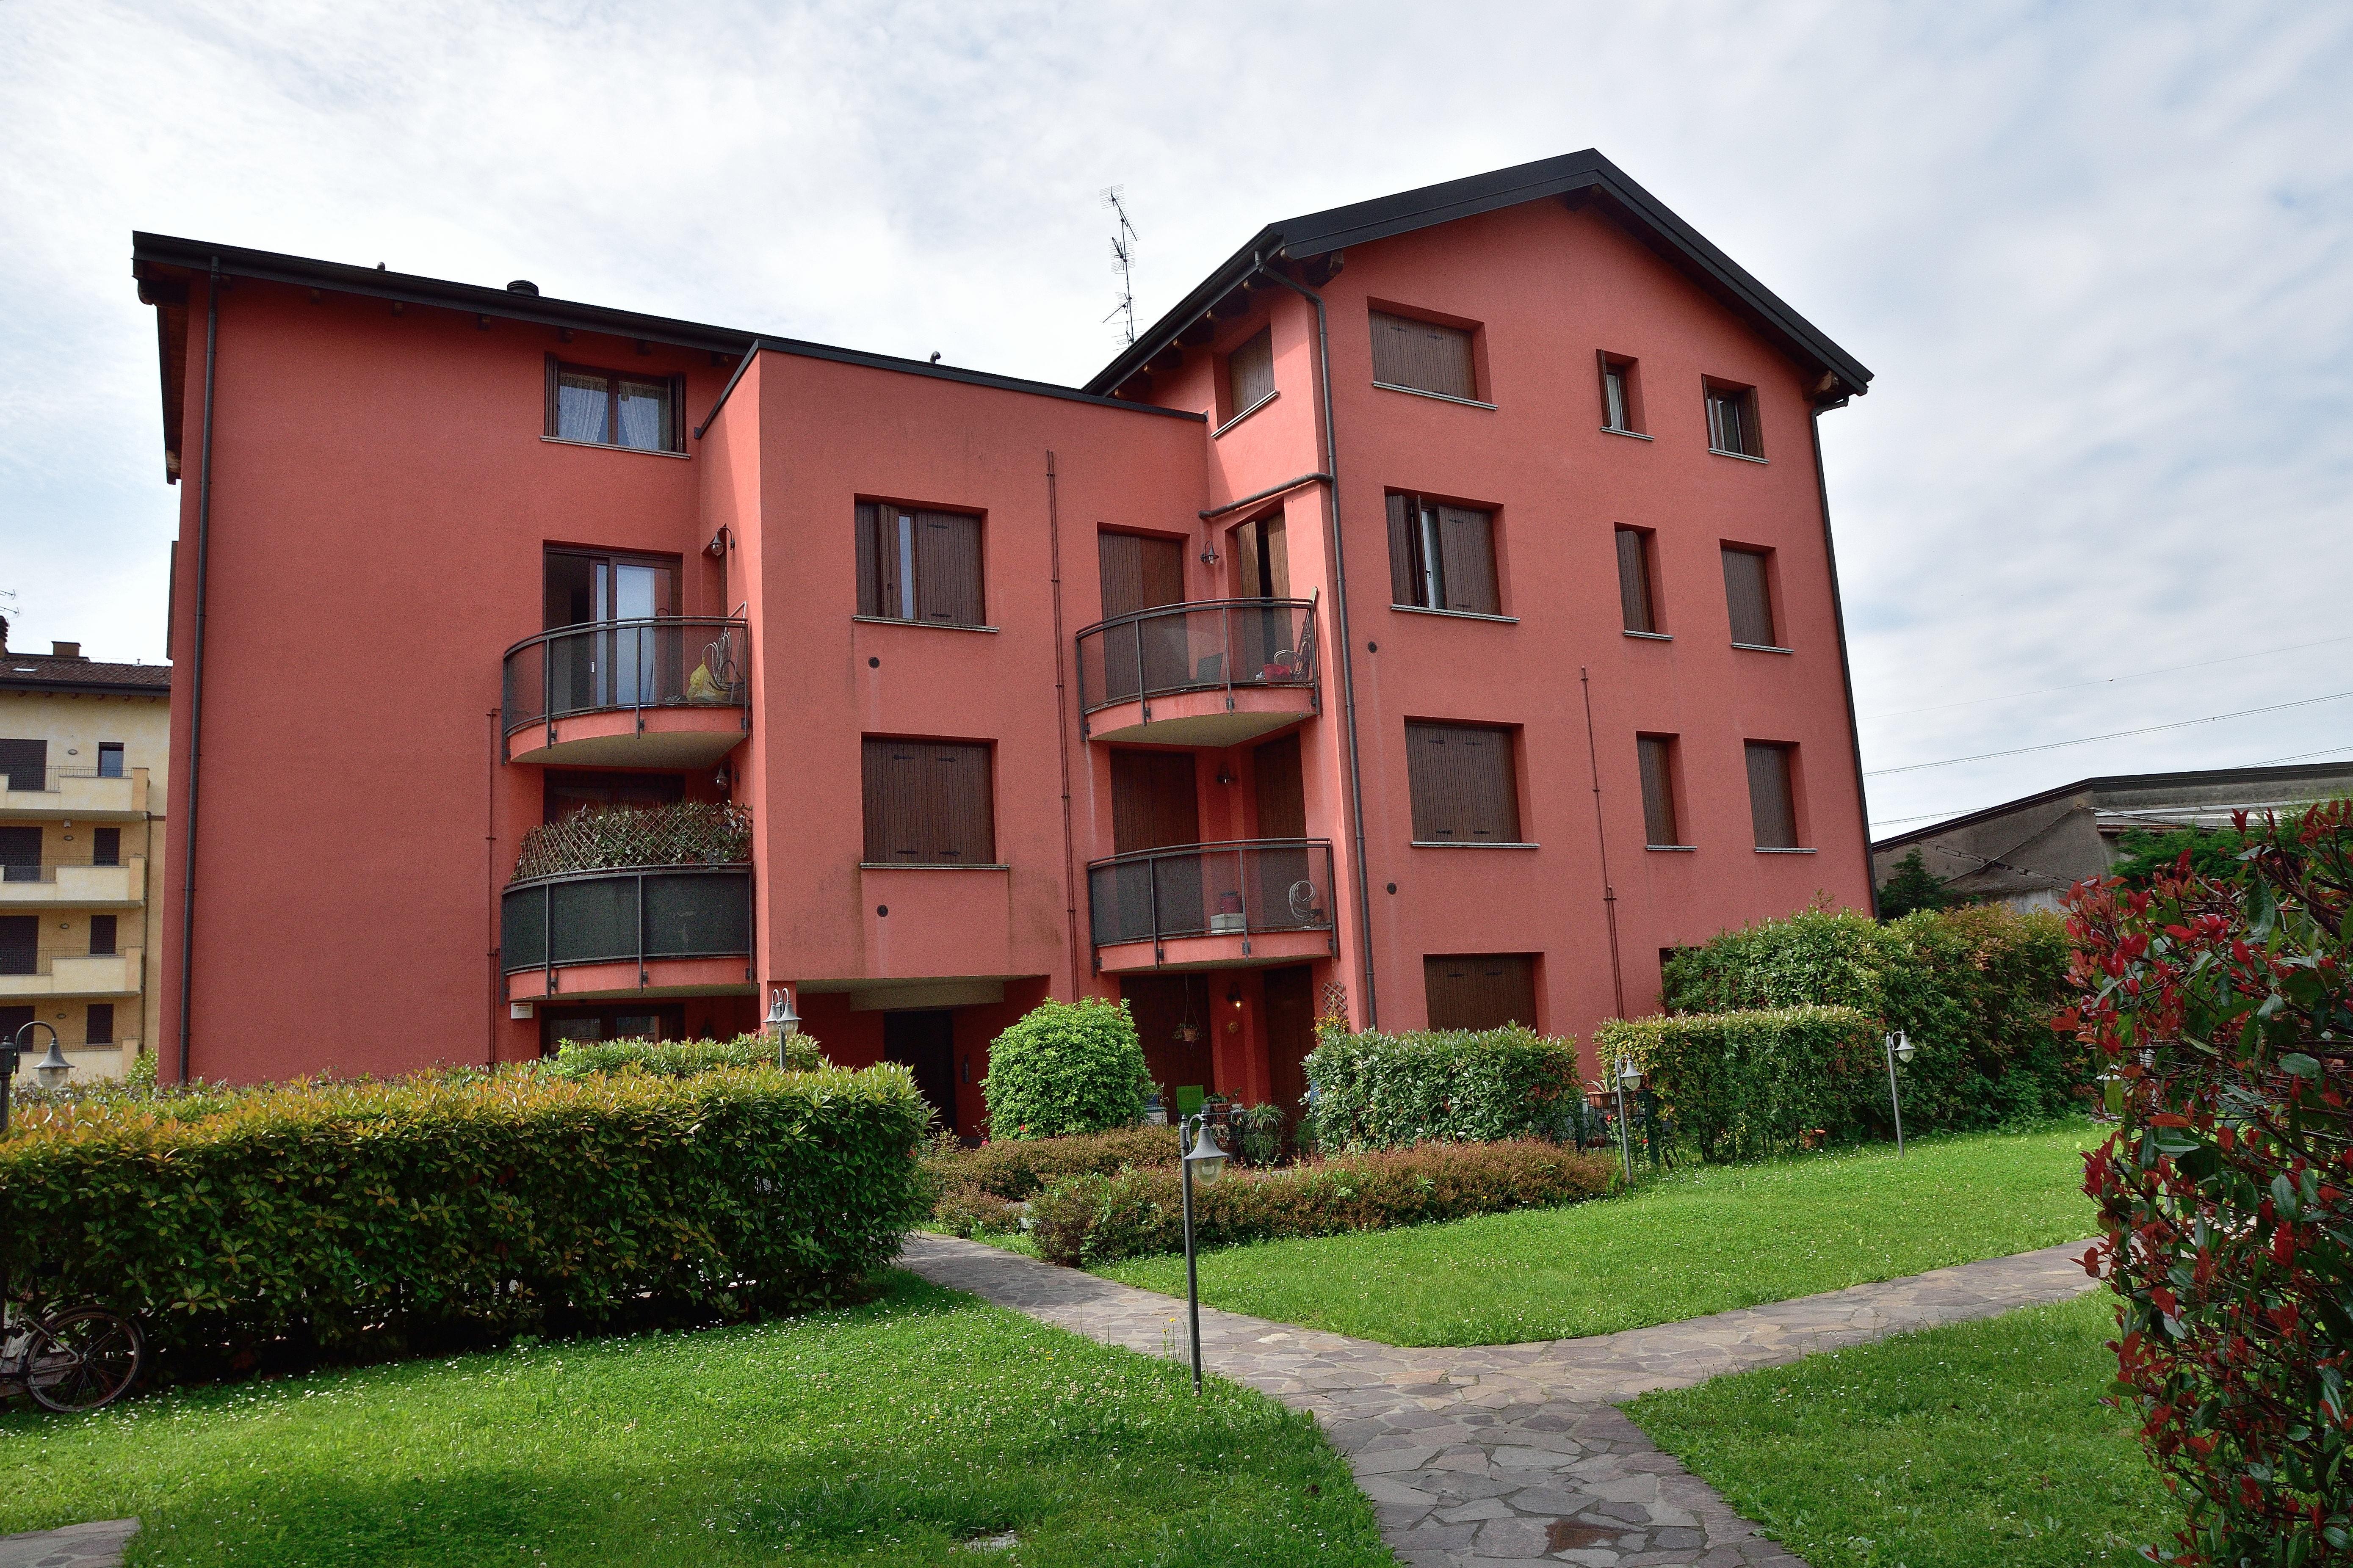 Monza archivi agenzia immobiliare sesto san for Aste immobiliari monza